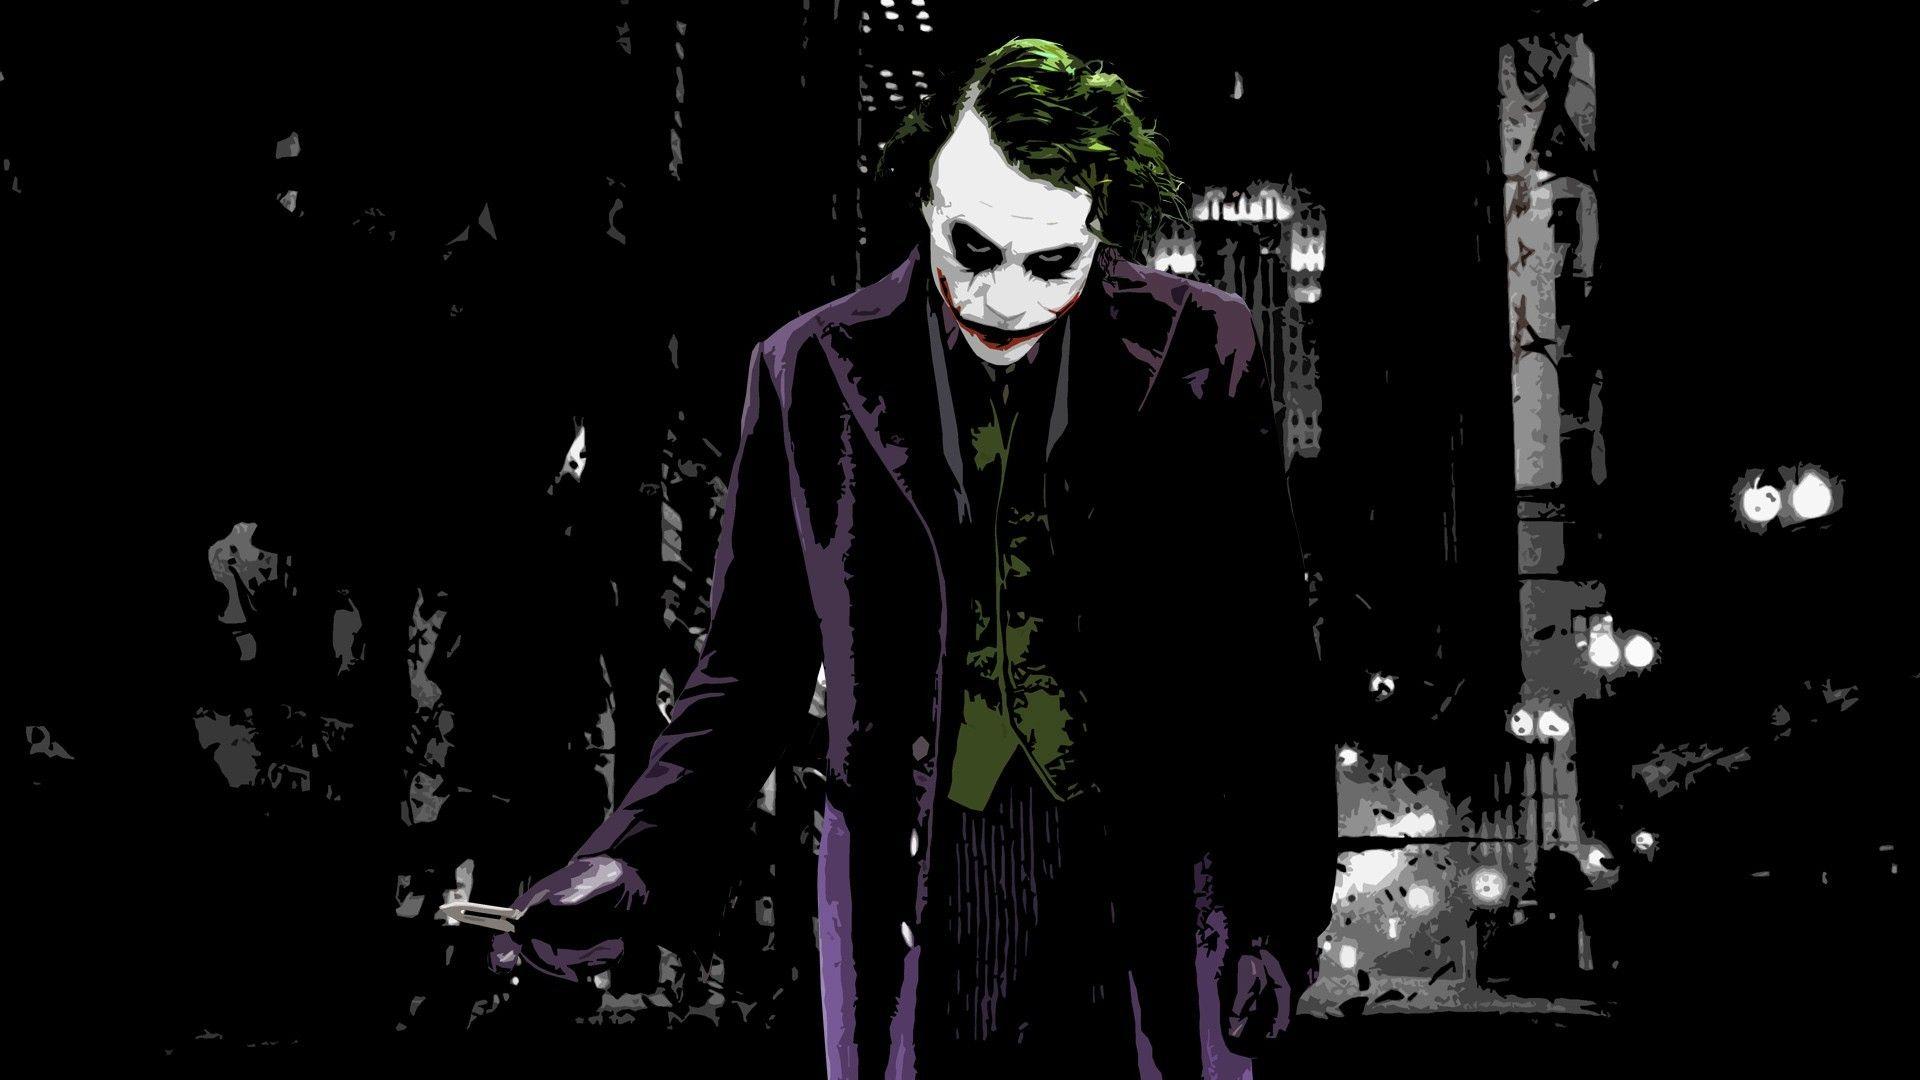 Digital Art Batman Begins Joker Knife Butterfly Knives Batman